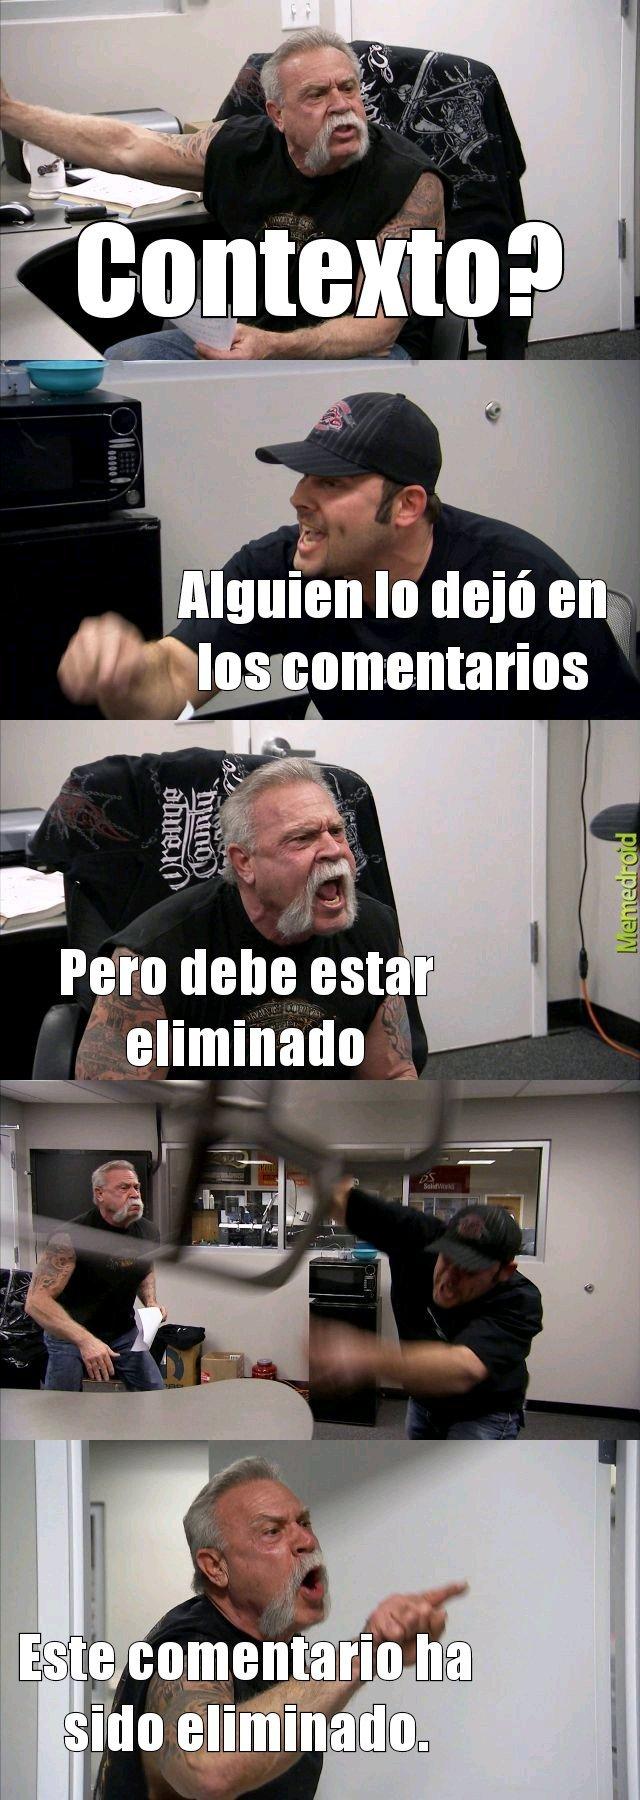 Eliminado - meme